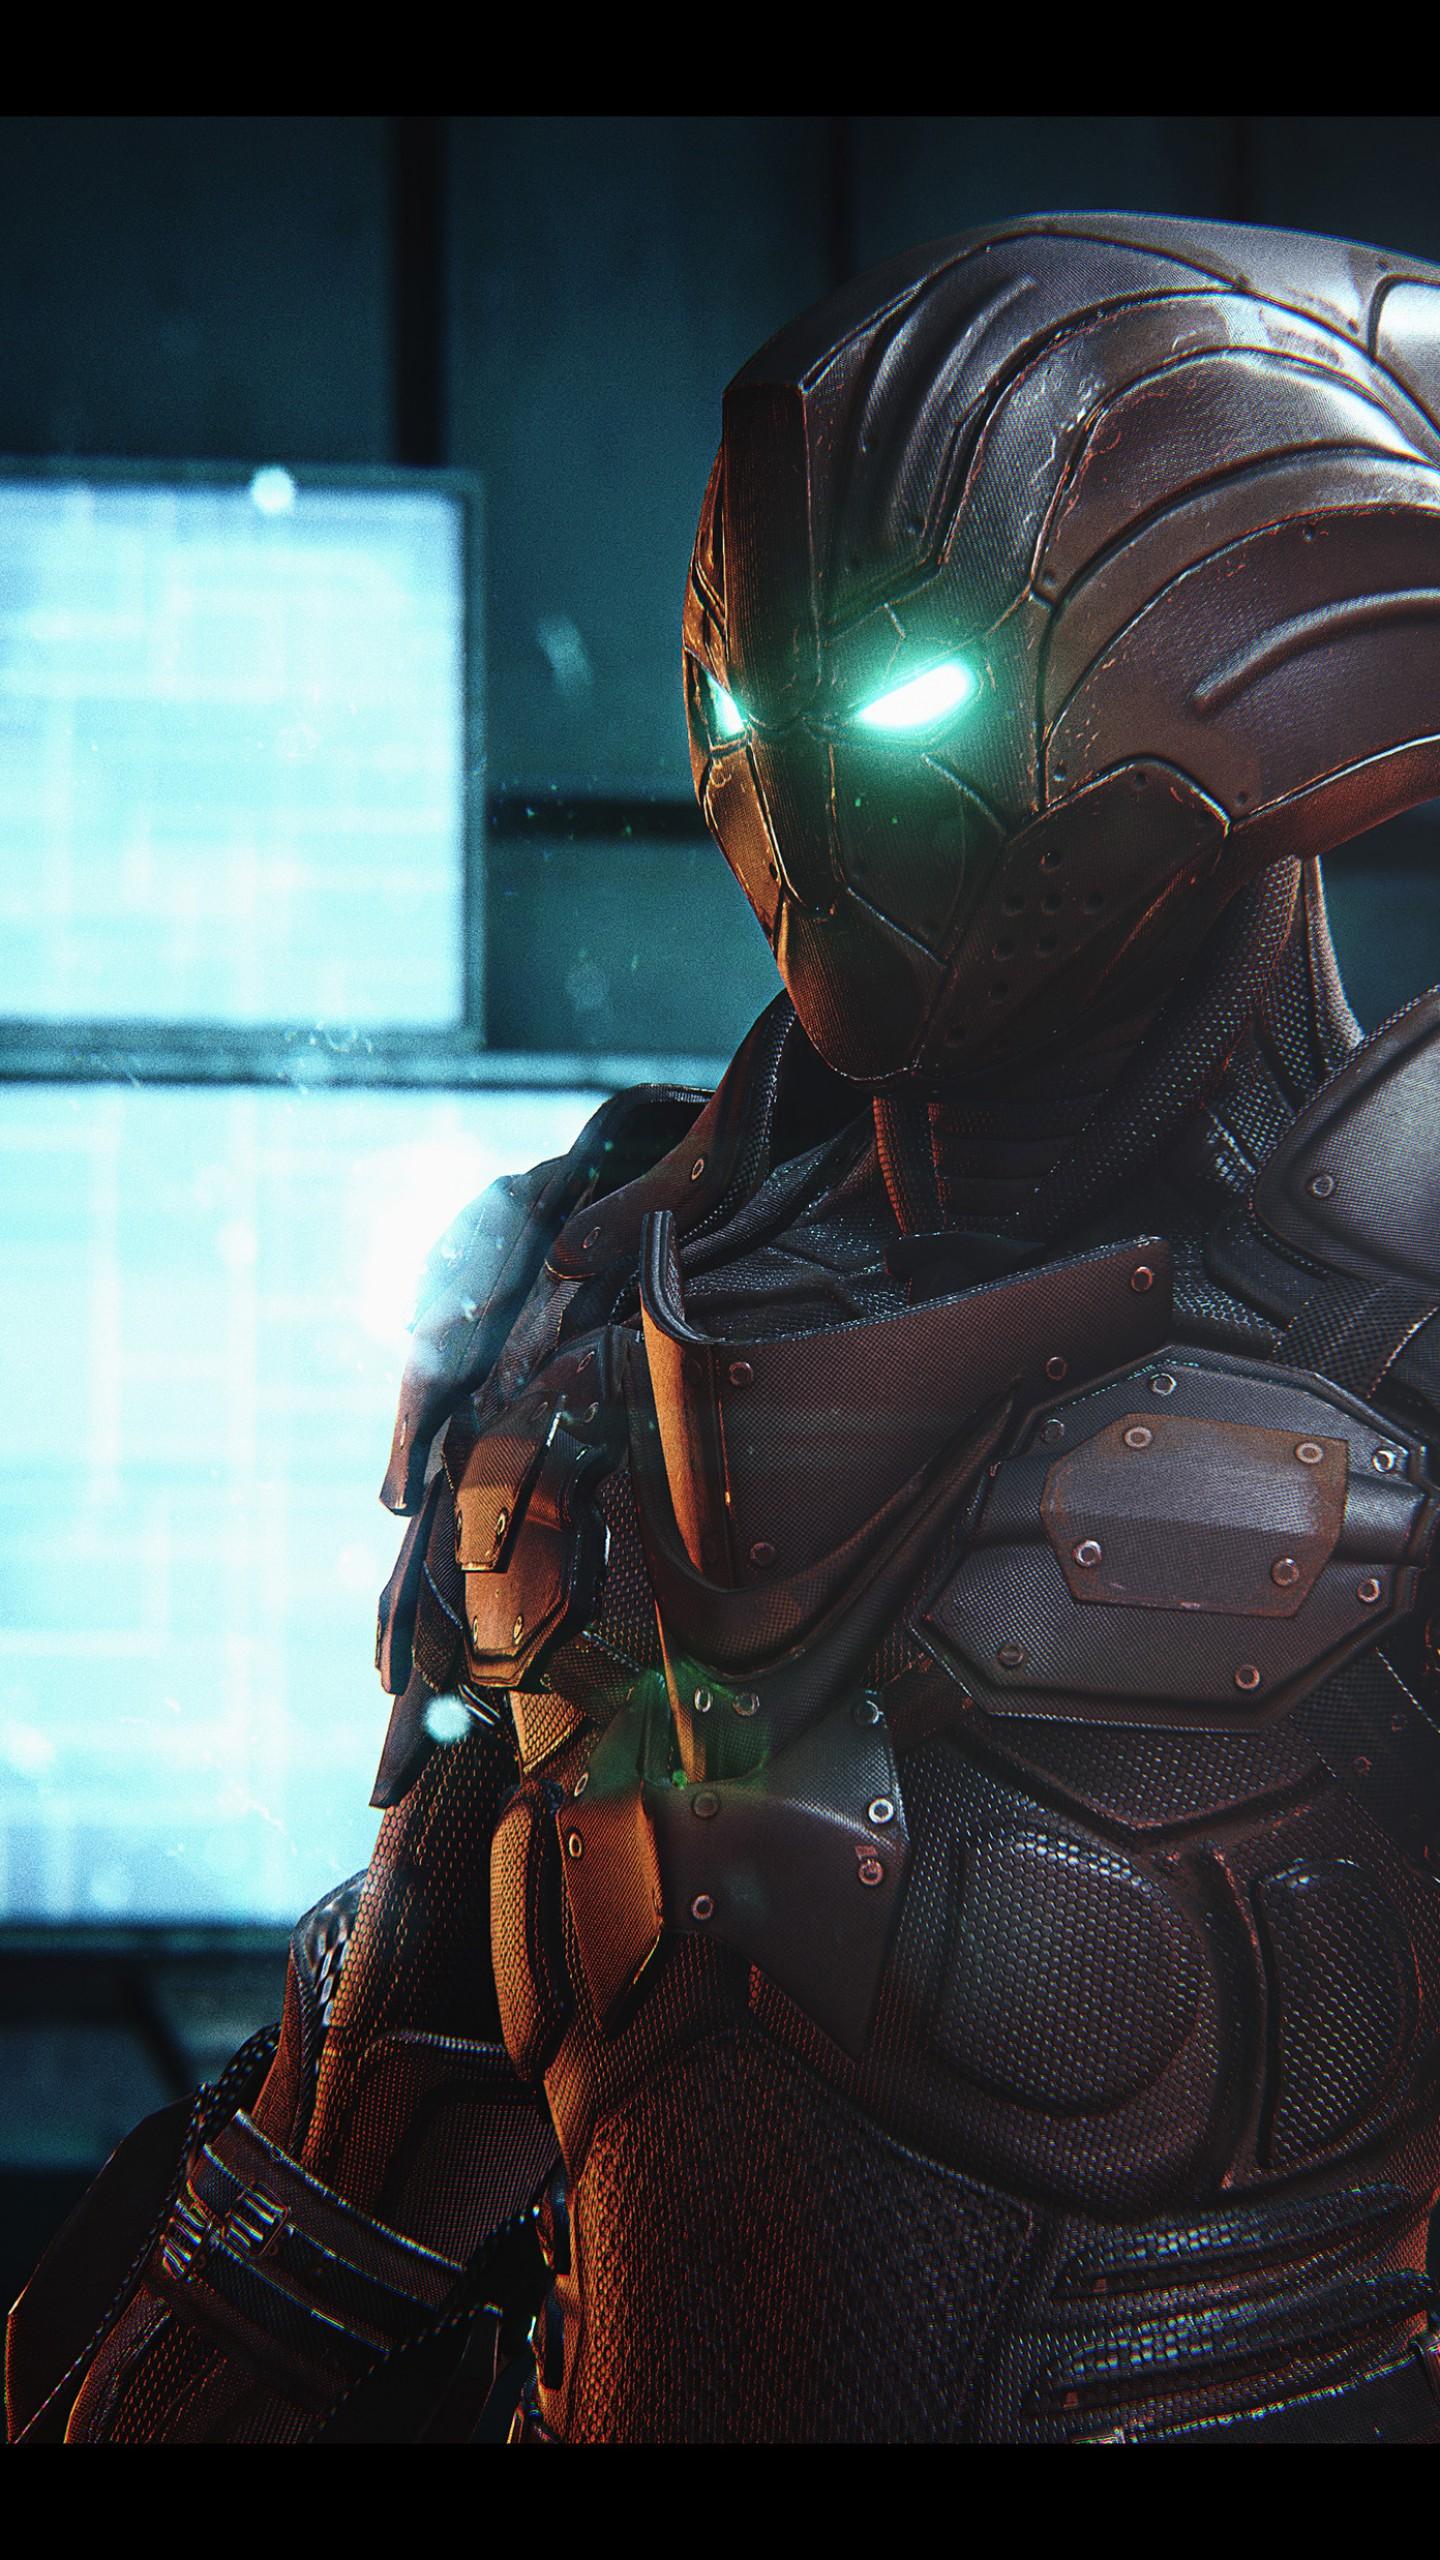 Wallpaper Nelo Shooter Hyper Fast Sci Fi Best Games